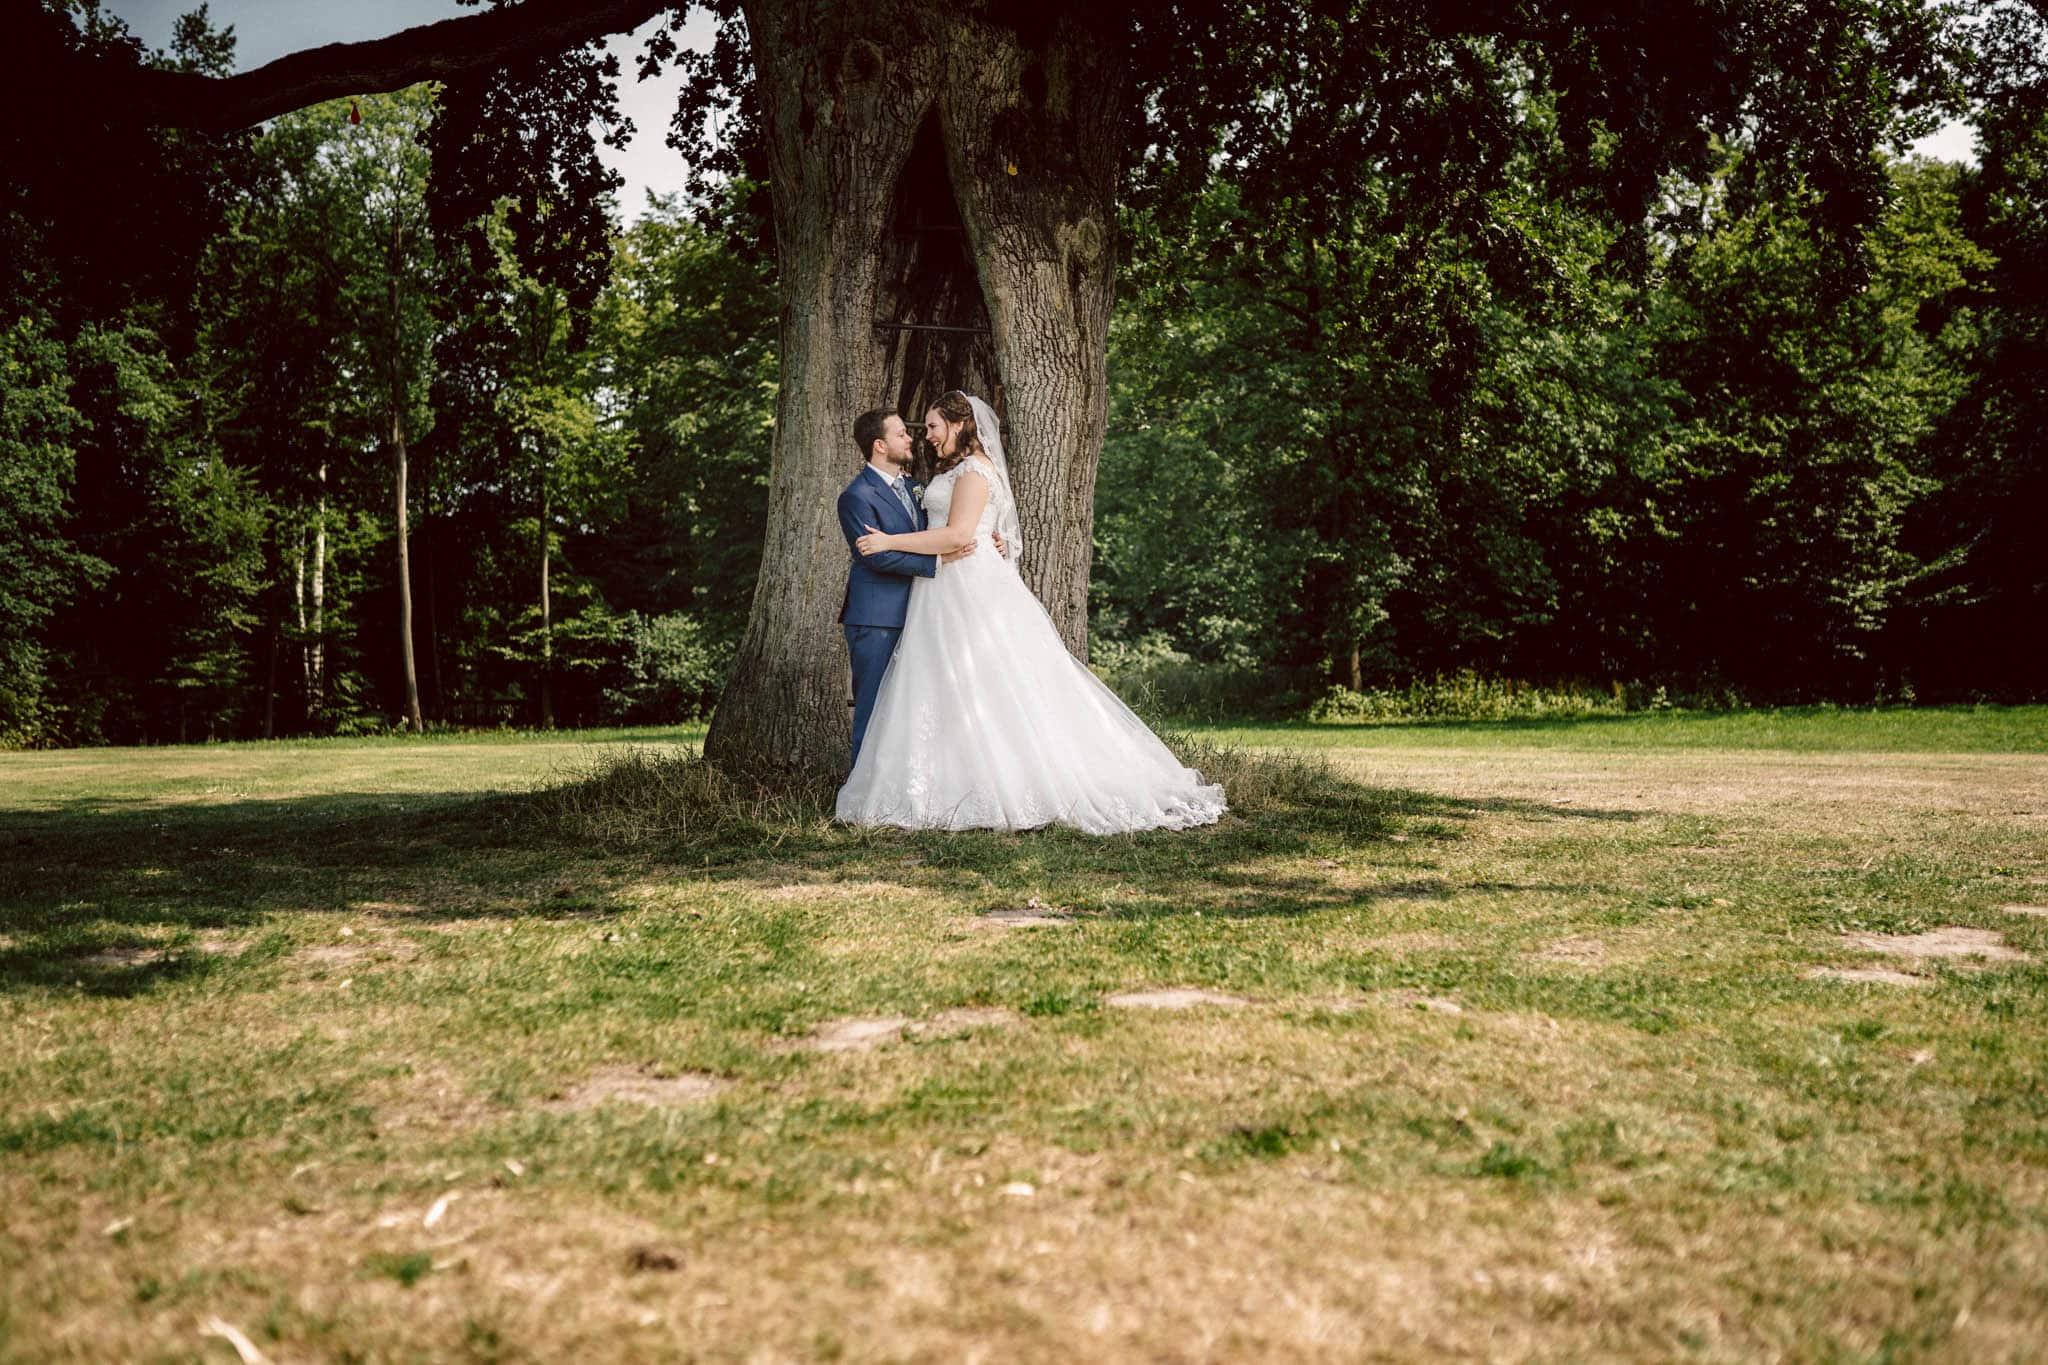 Hochzeitsfieber by Photo-Schomburg, Hochzeitsfotograf, Hamburg, Altona, wedding, Standesamt Altona, Appen, Hochzeitsshooting, Hochzeitstag, Brautpaar-88